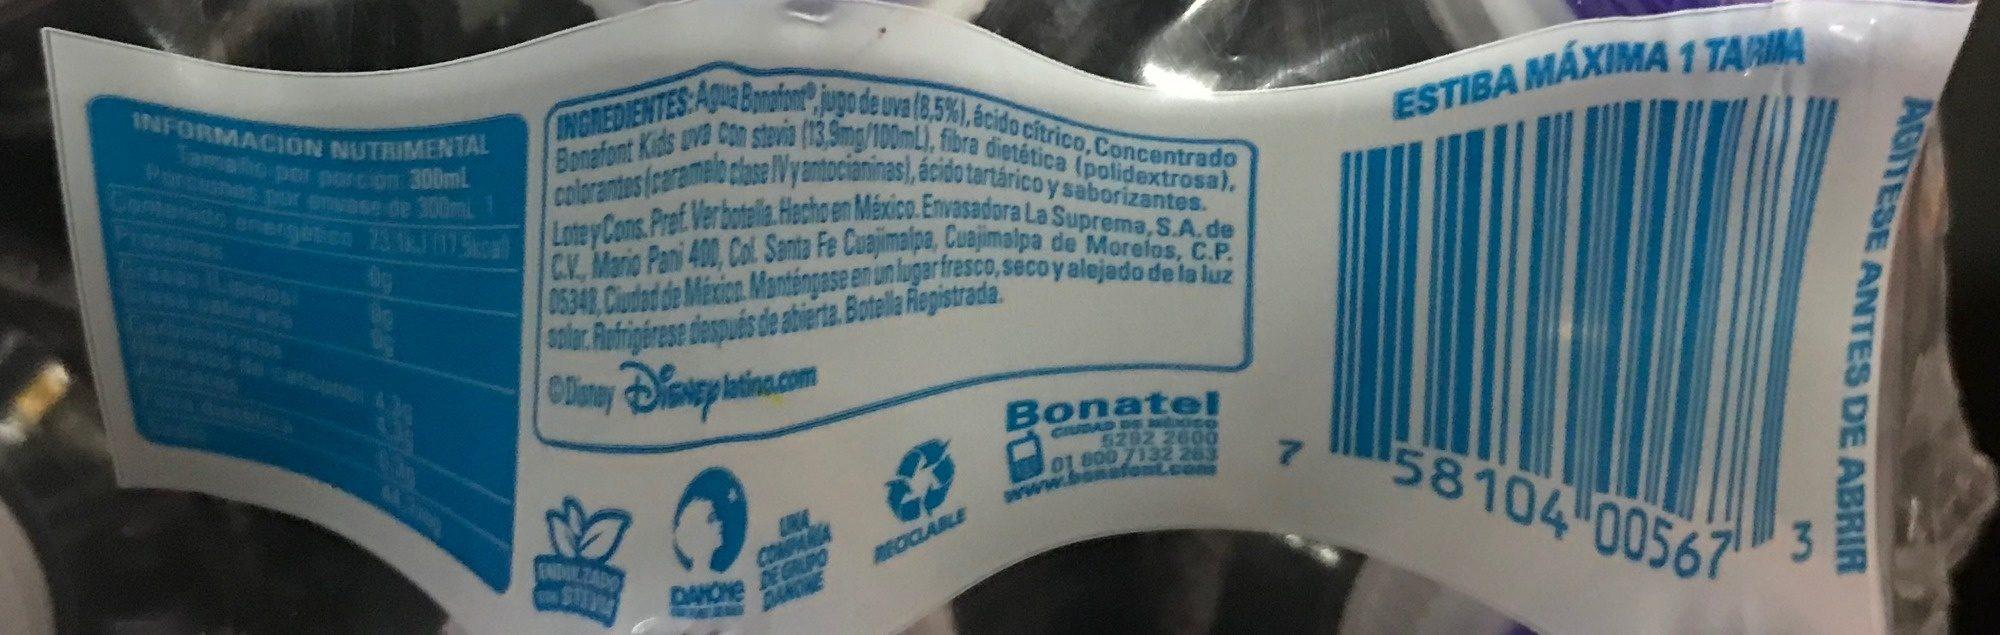 Bonafont Kids Sabor Uva 6 pack - Nutrition facts